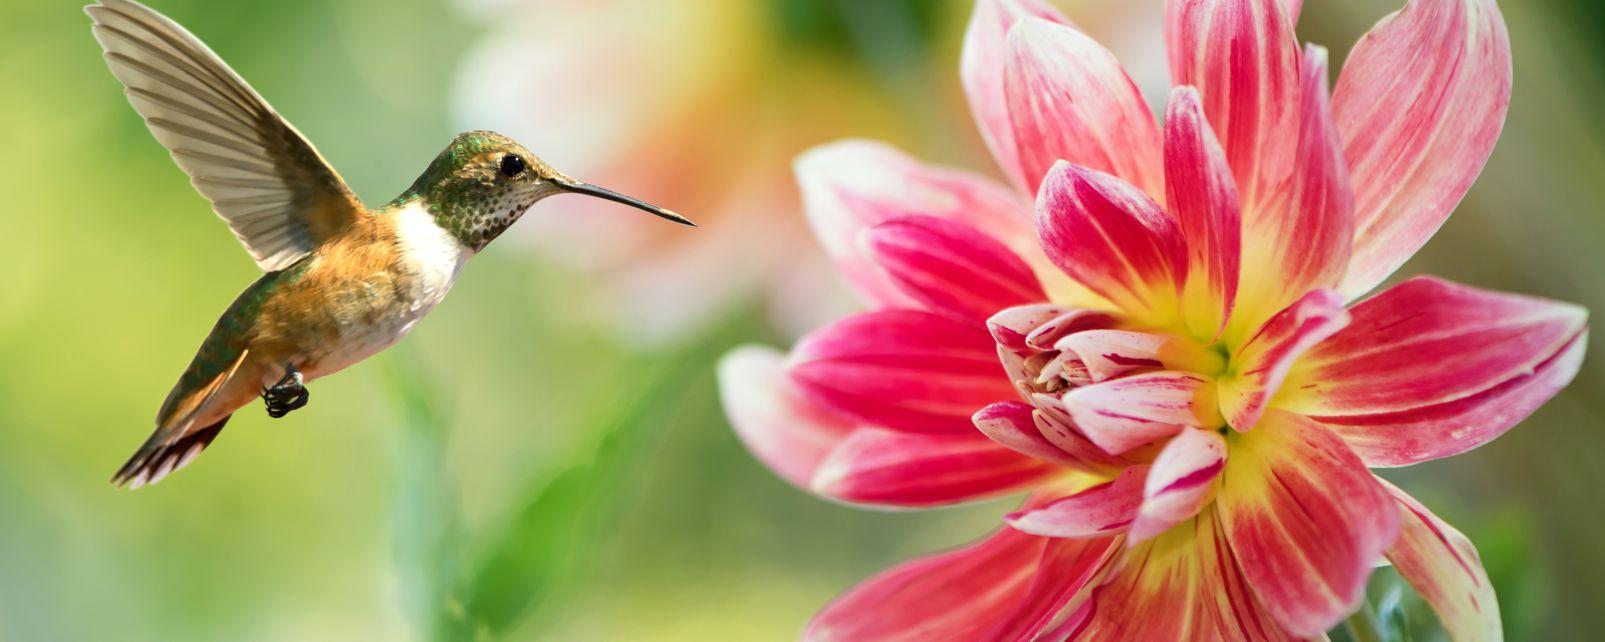 Die Landfauna, Die Landtiere, Die Fauna und Flora, Mayotte